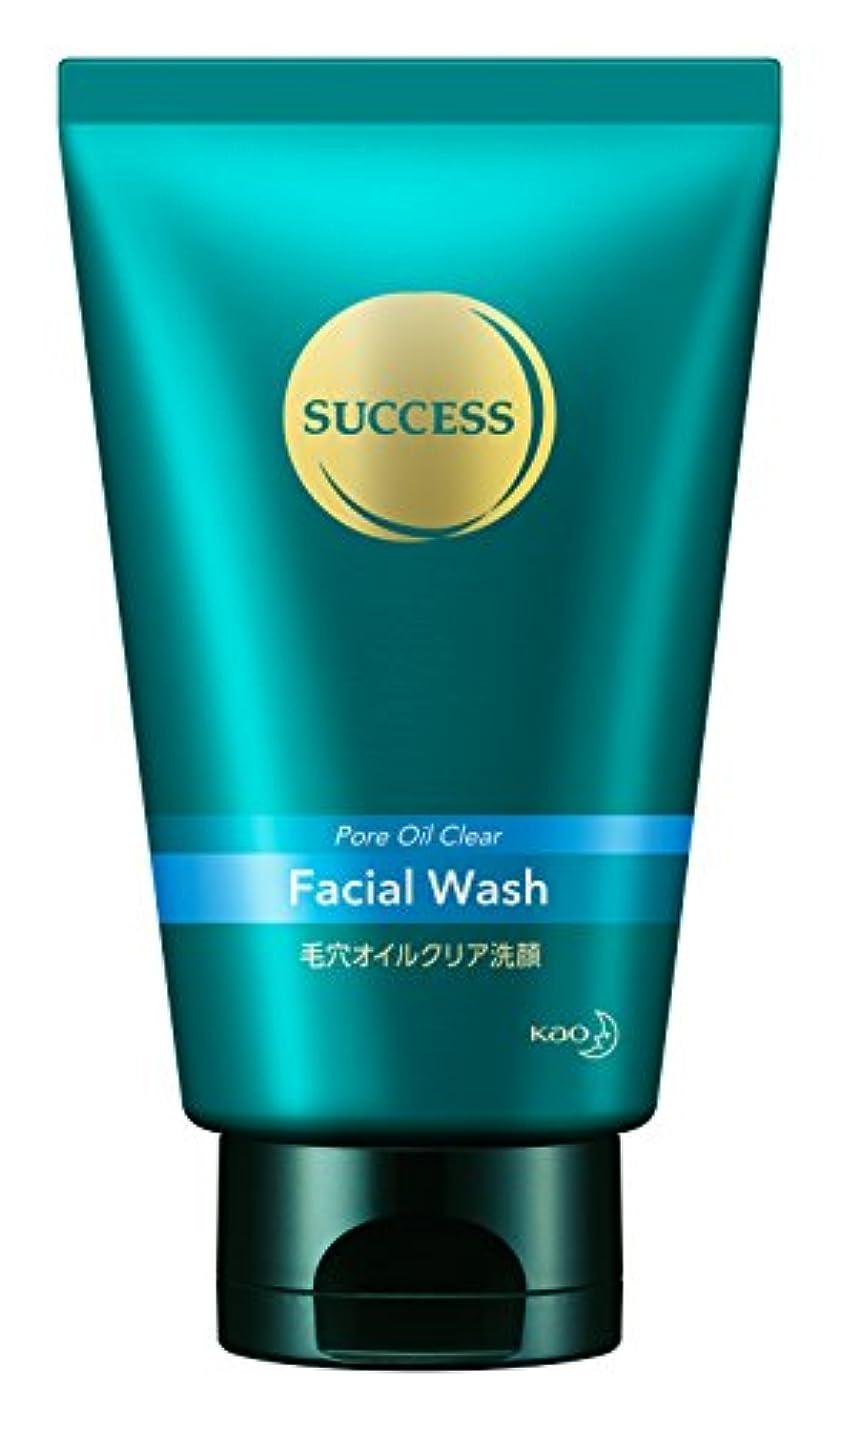 安定しましたブレンド栄光サクセスフェイスケア 毛穴オイルクリア洗顔 120g